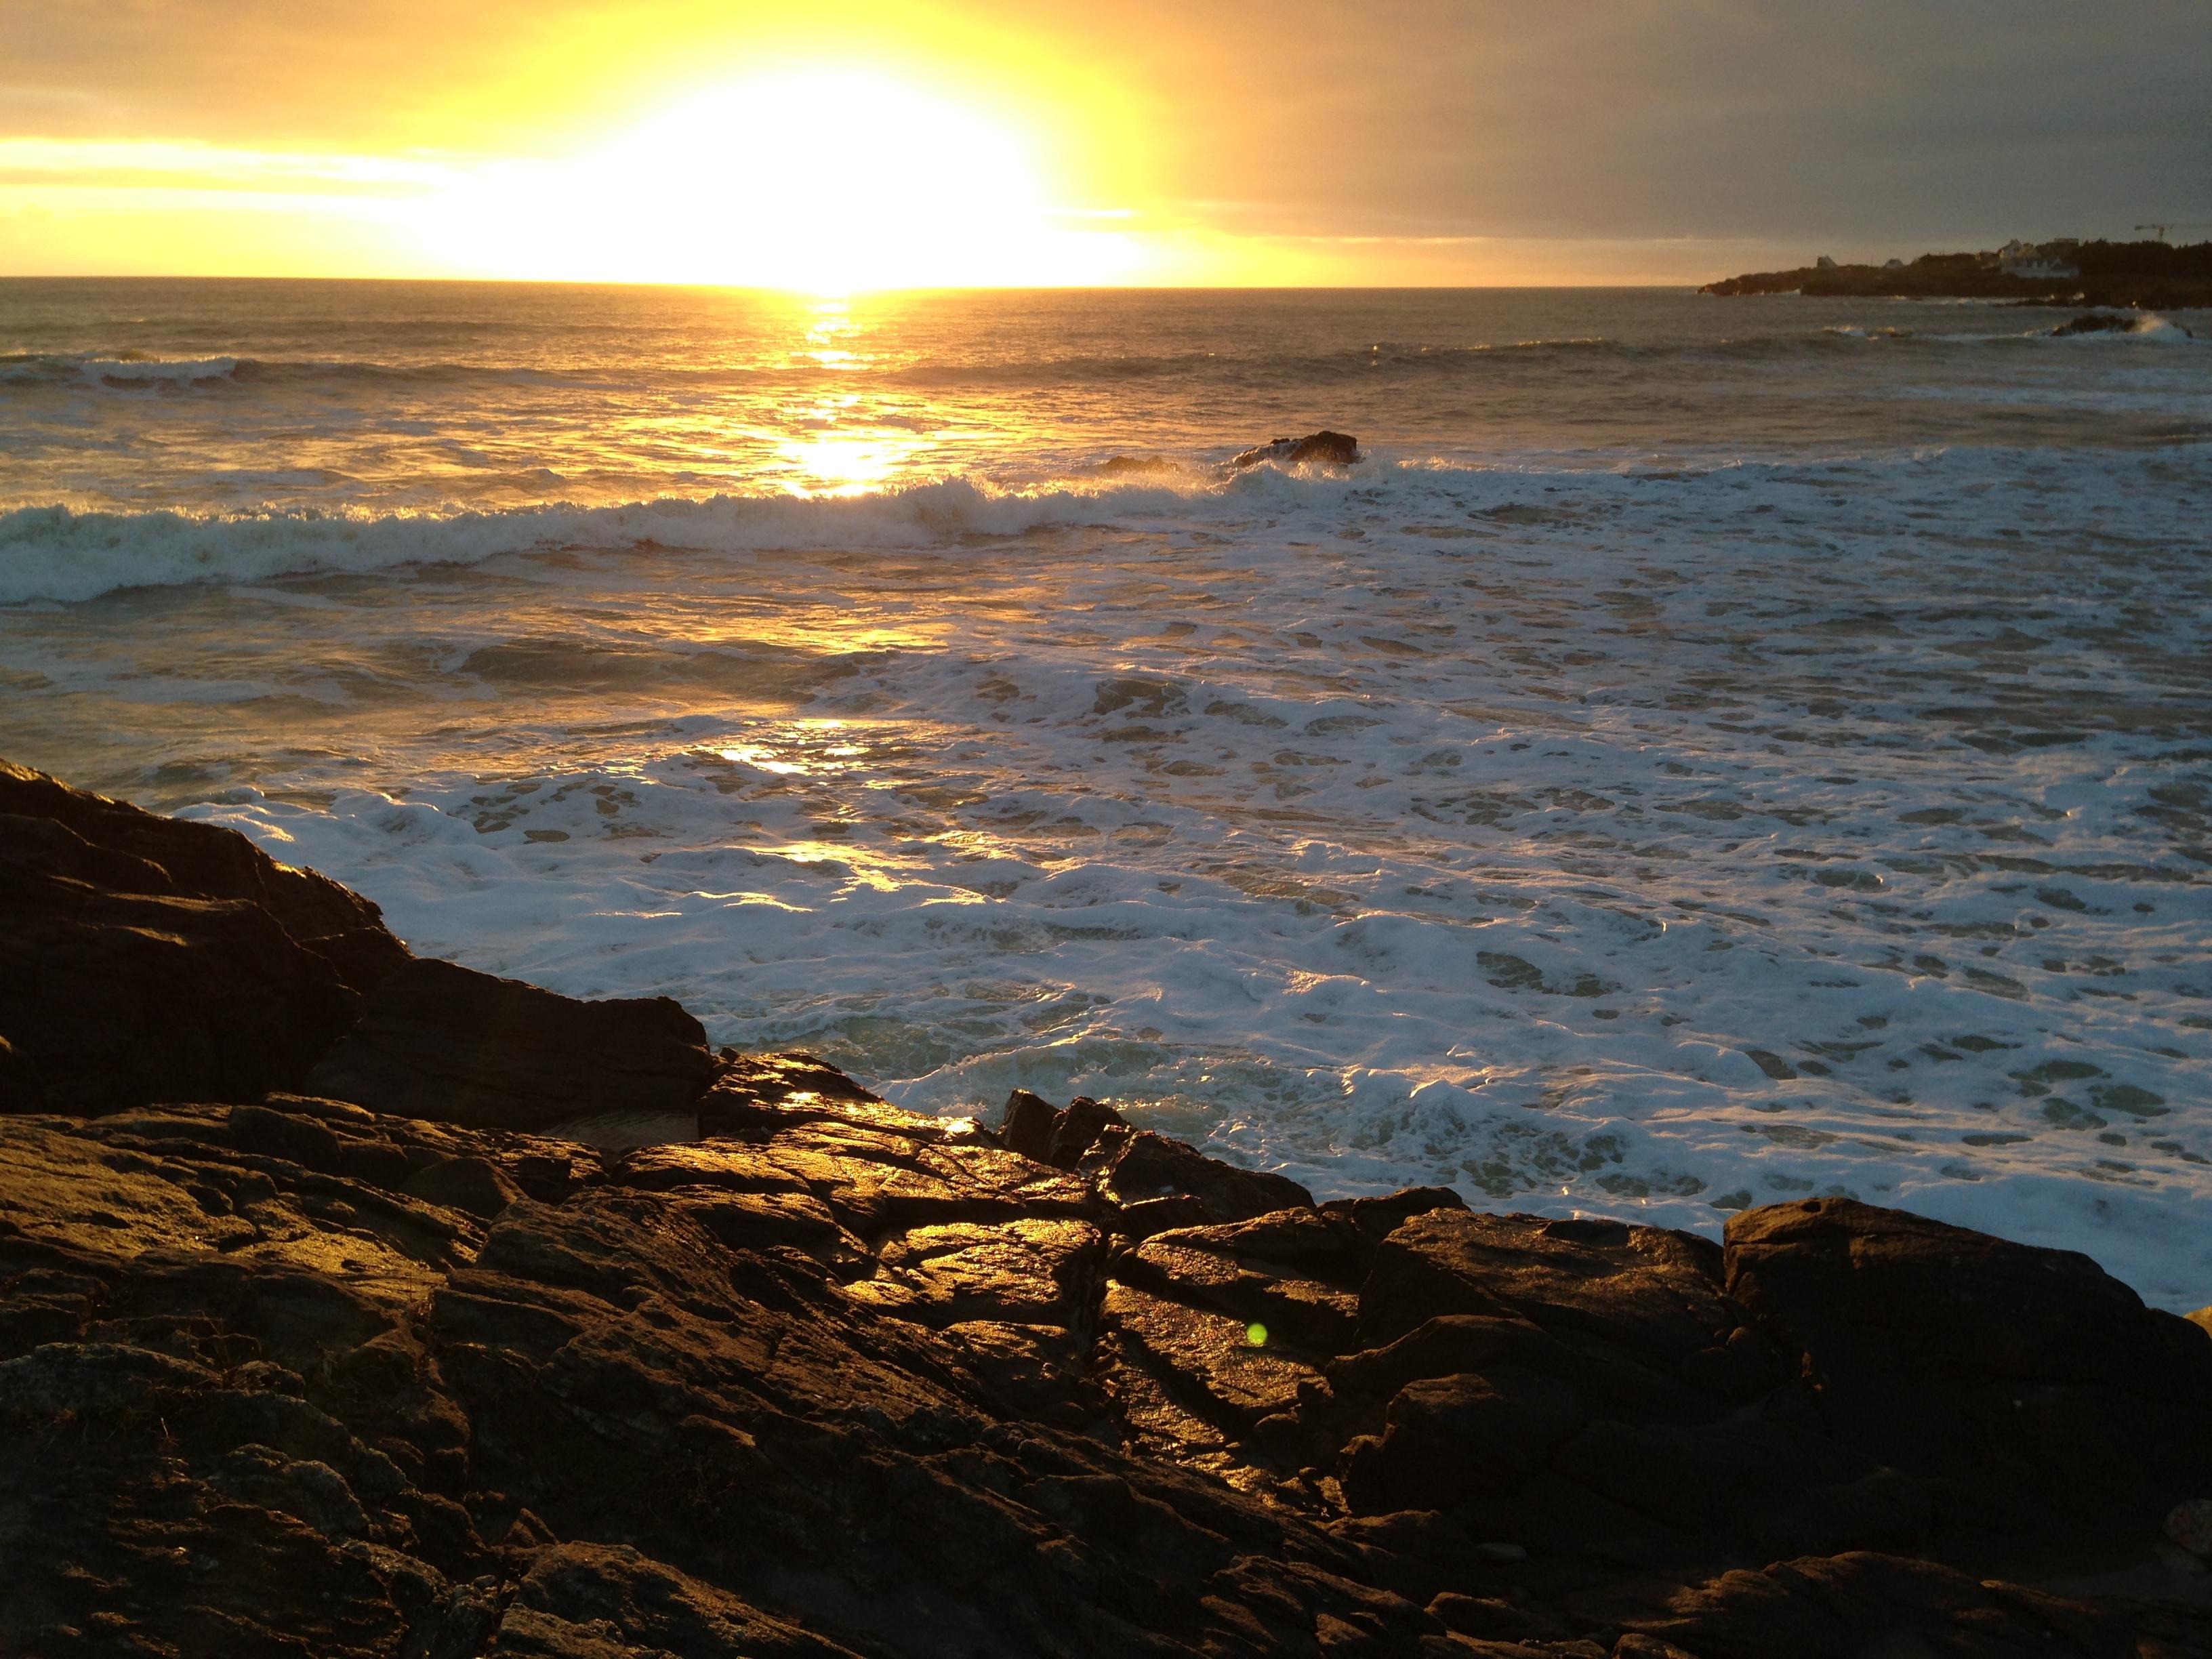 Nos plus beaux couchers de soleil escale de nuit - Les plus beaux coucher de soleil sur la mer ...